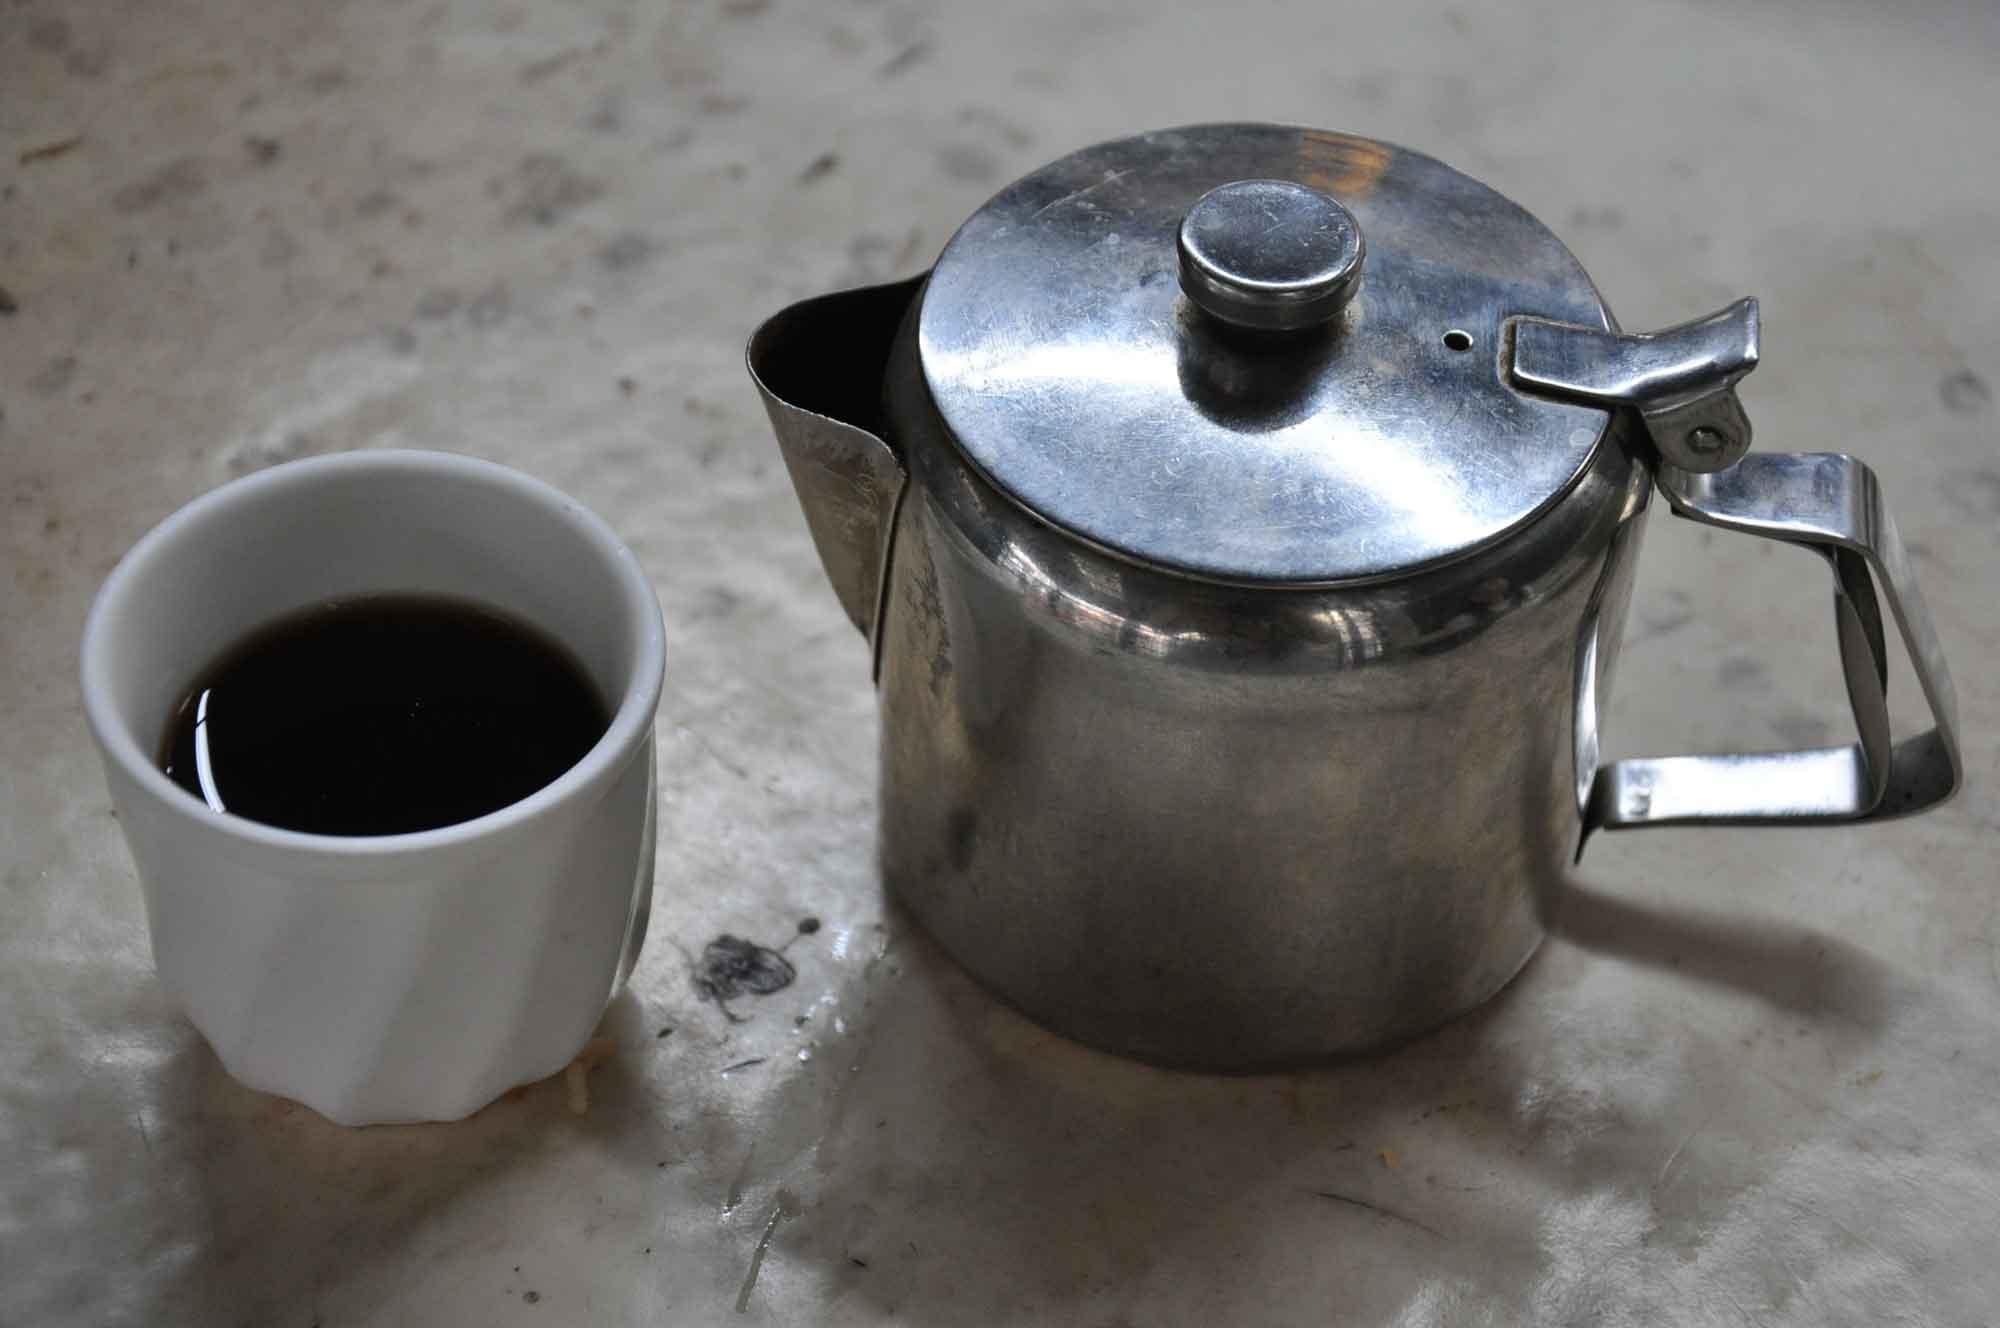 San Kiu Teahouse Macau tea